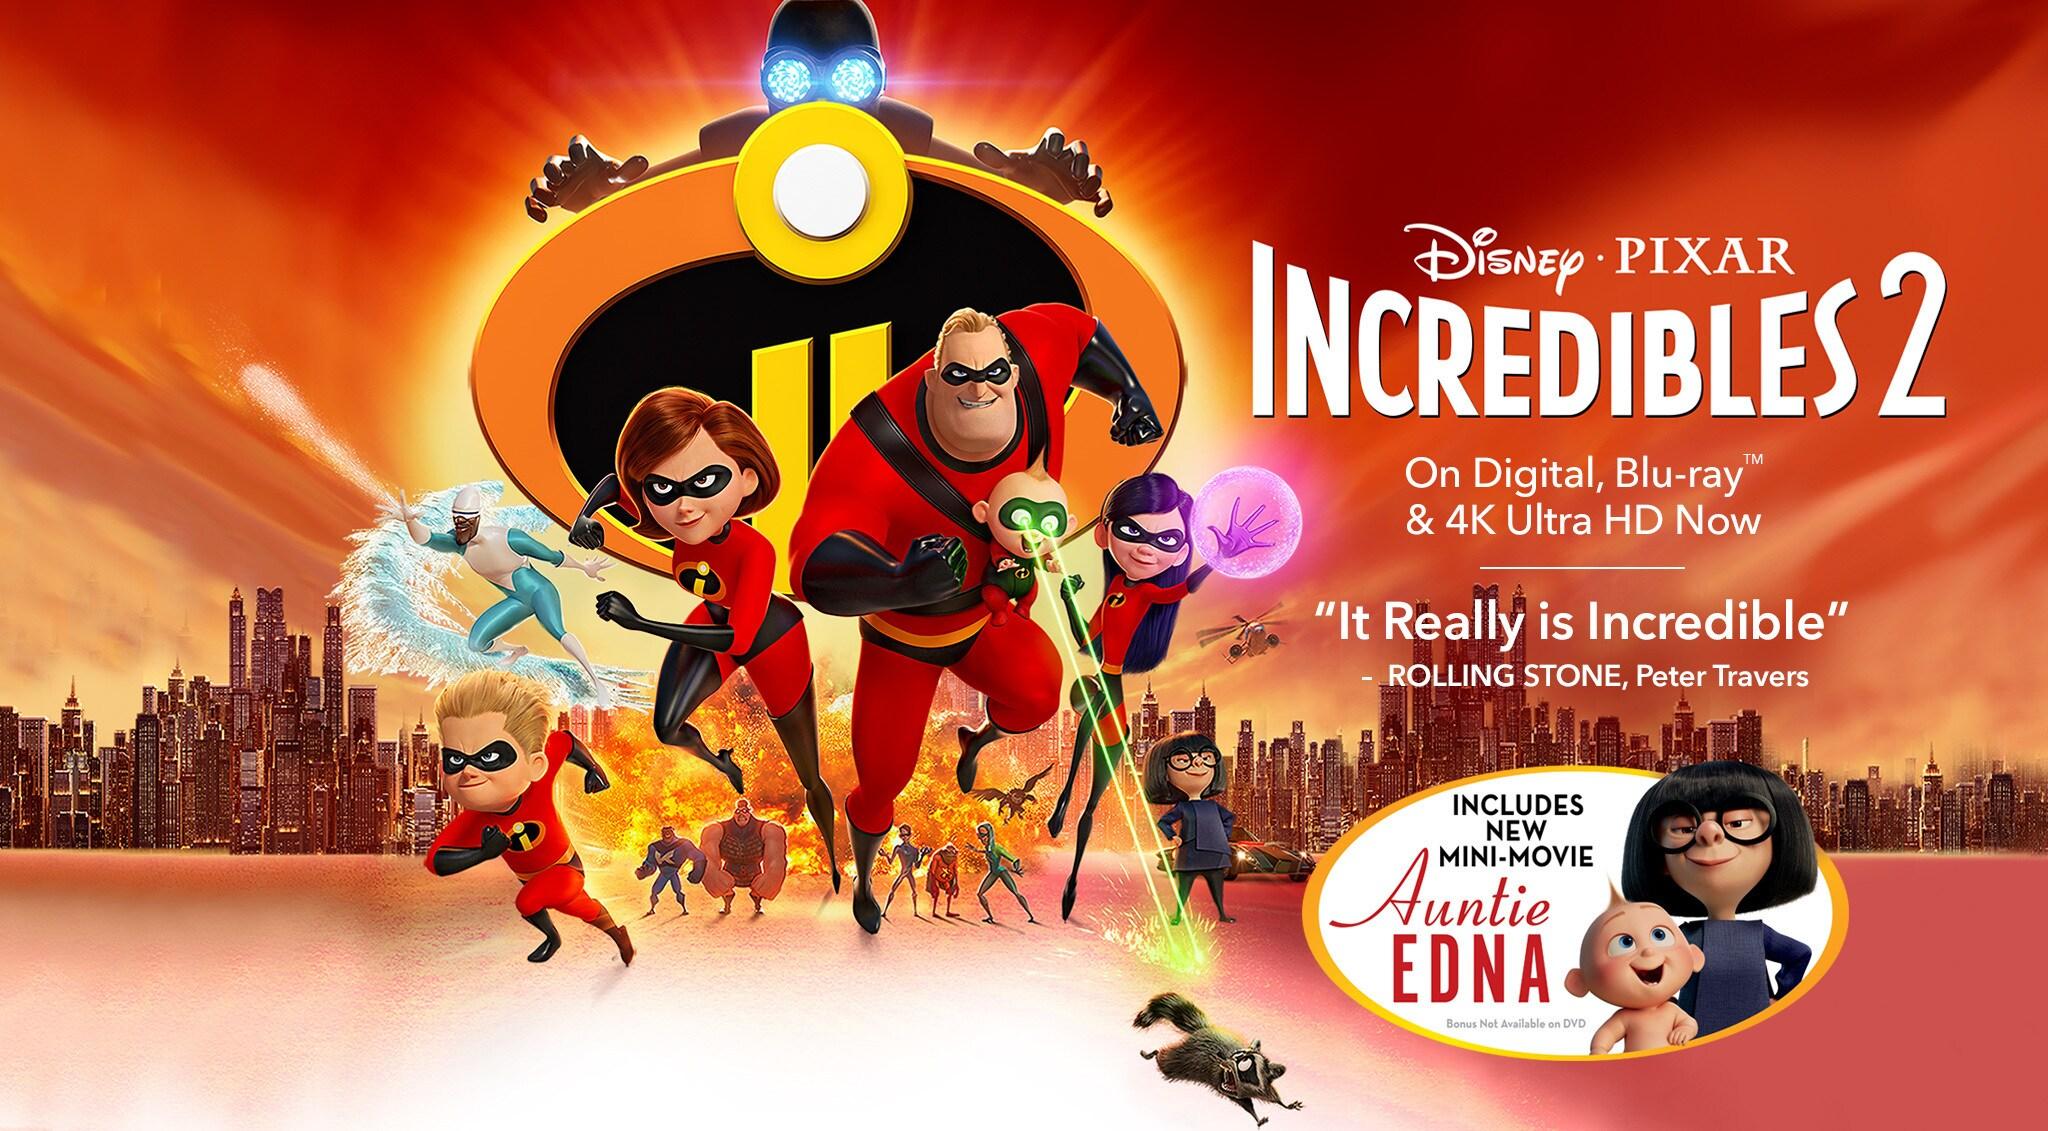 مراسم اسکار - اسکار 2019 - انیمیشن Incredibles 2